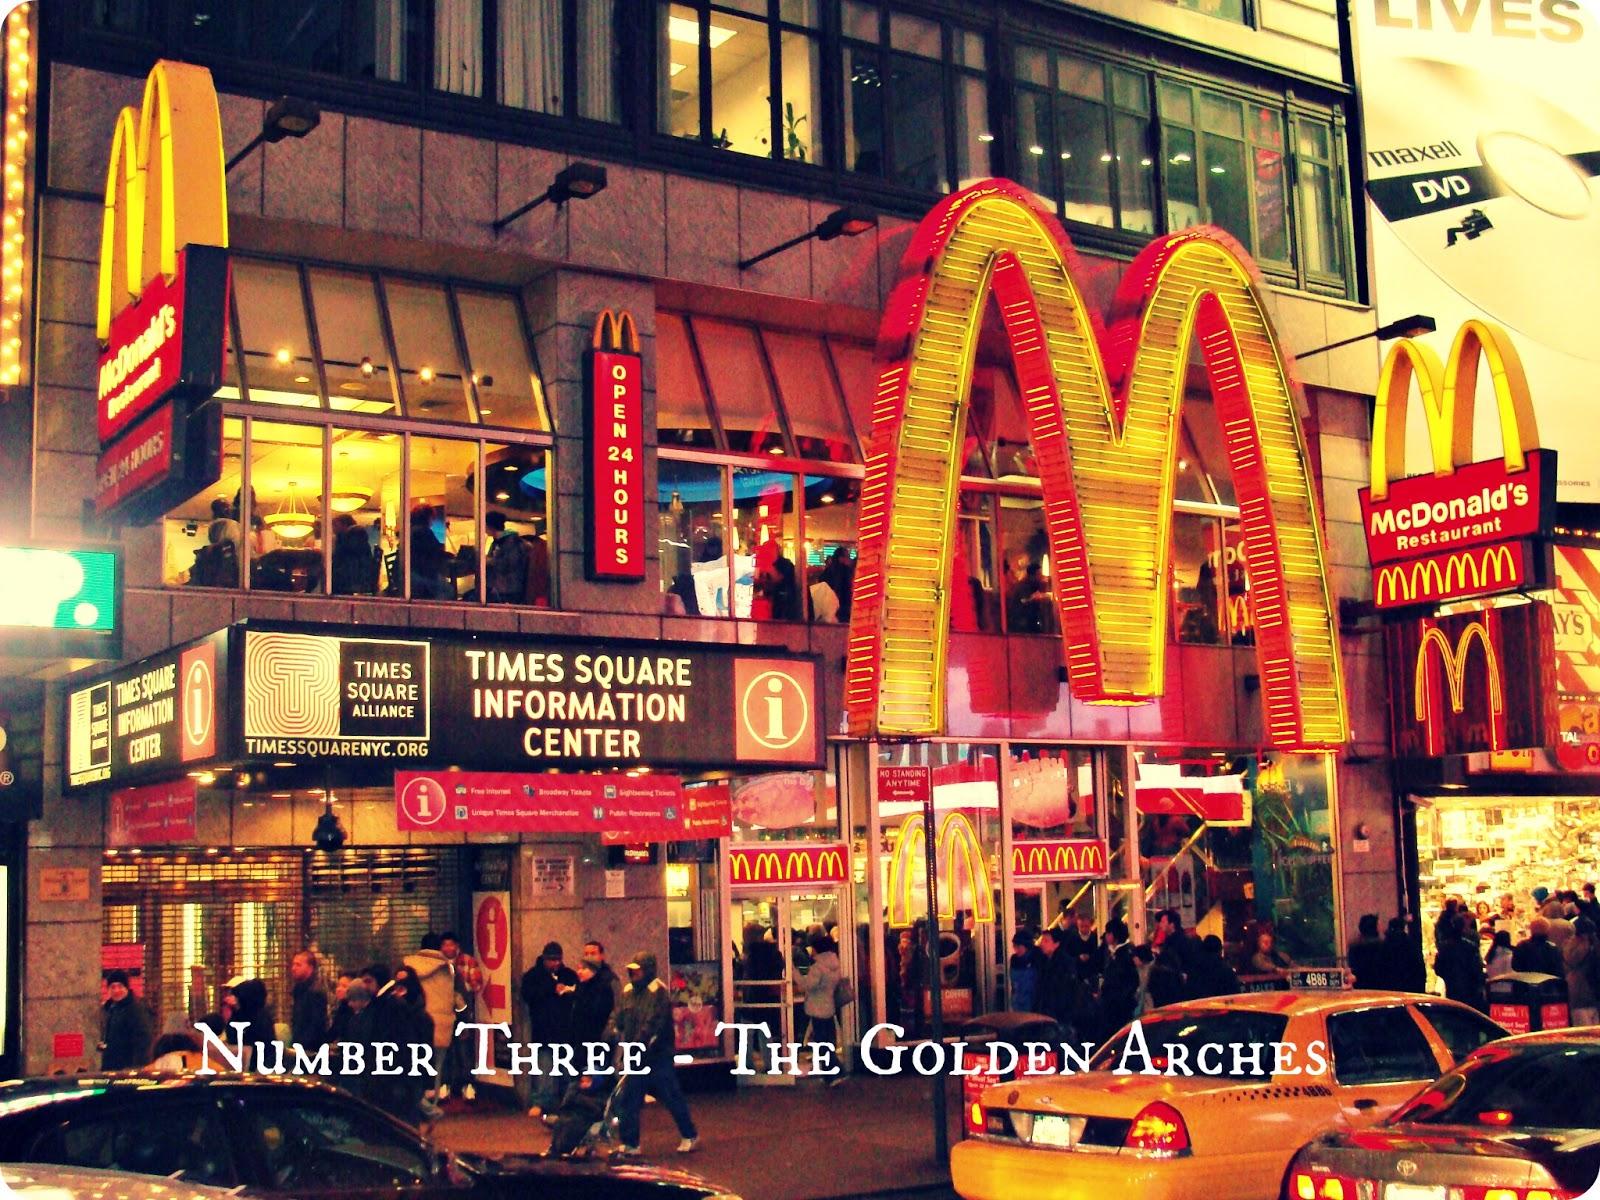 http://1.bp.blogspot.com/-j3tZ9sInFPk/UOSybgPrK6I/AAAAAAAAAMw/UFw1240lPTw/s1600/McDonalds_Times_Square.JPG